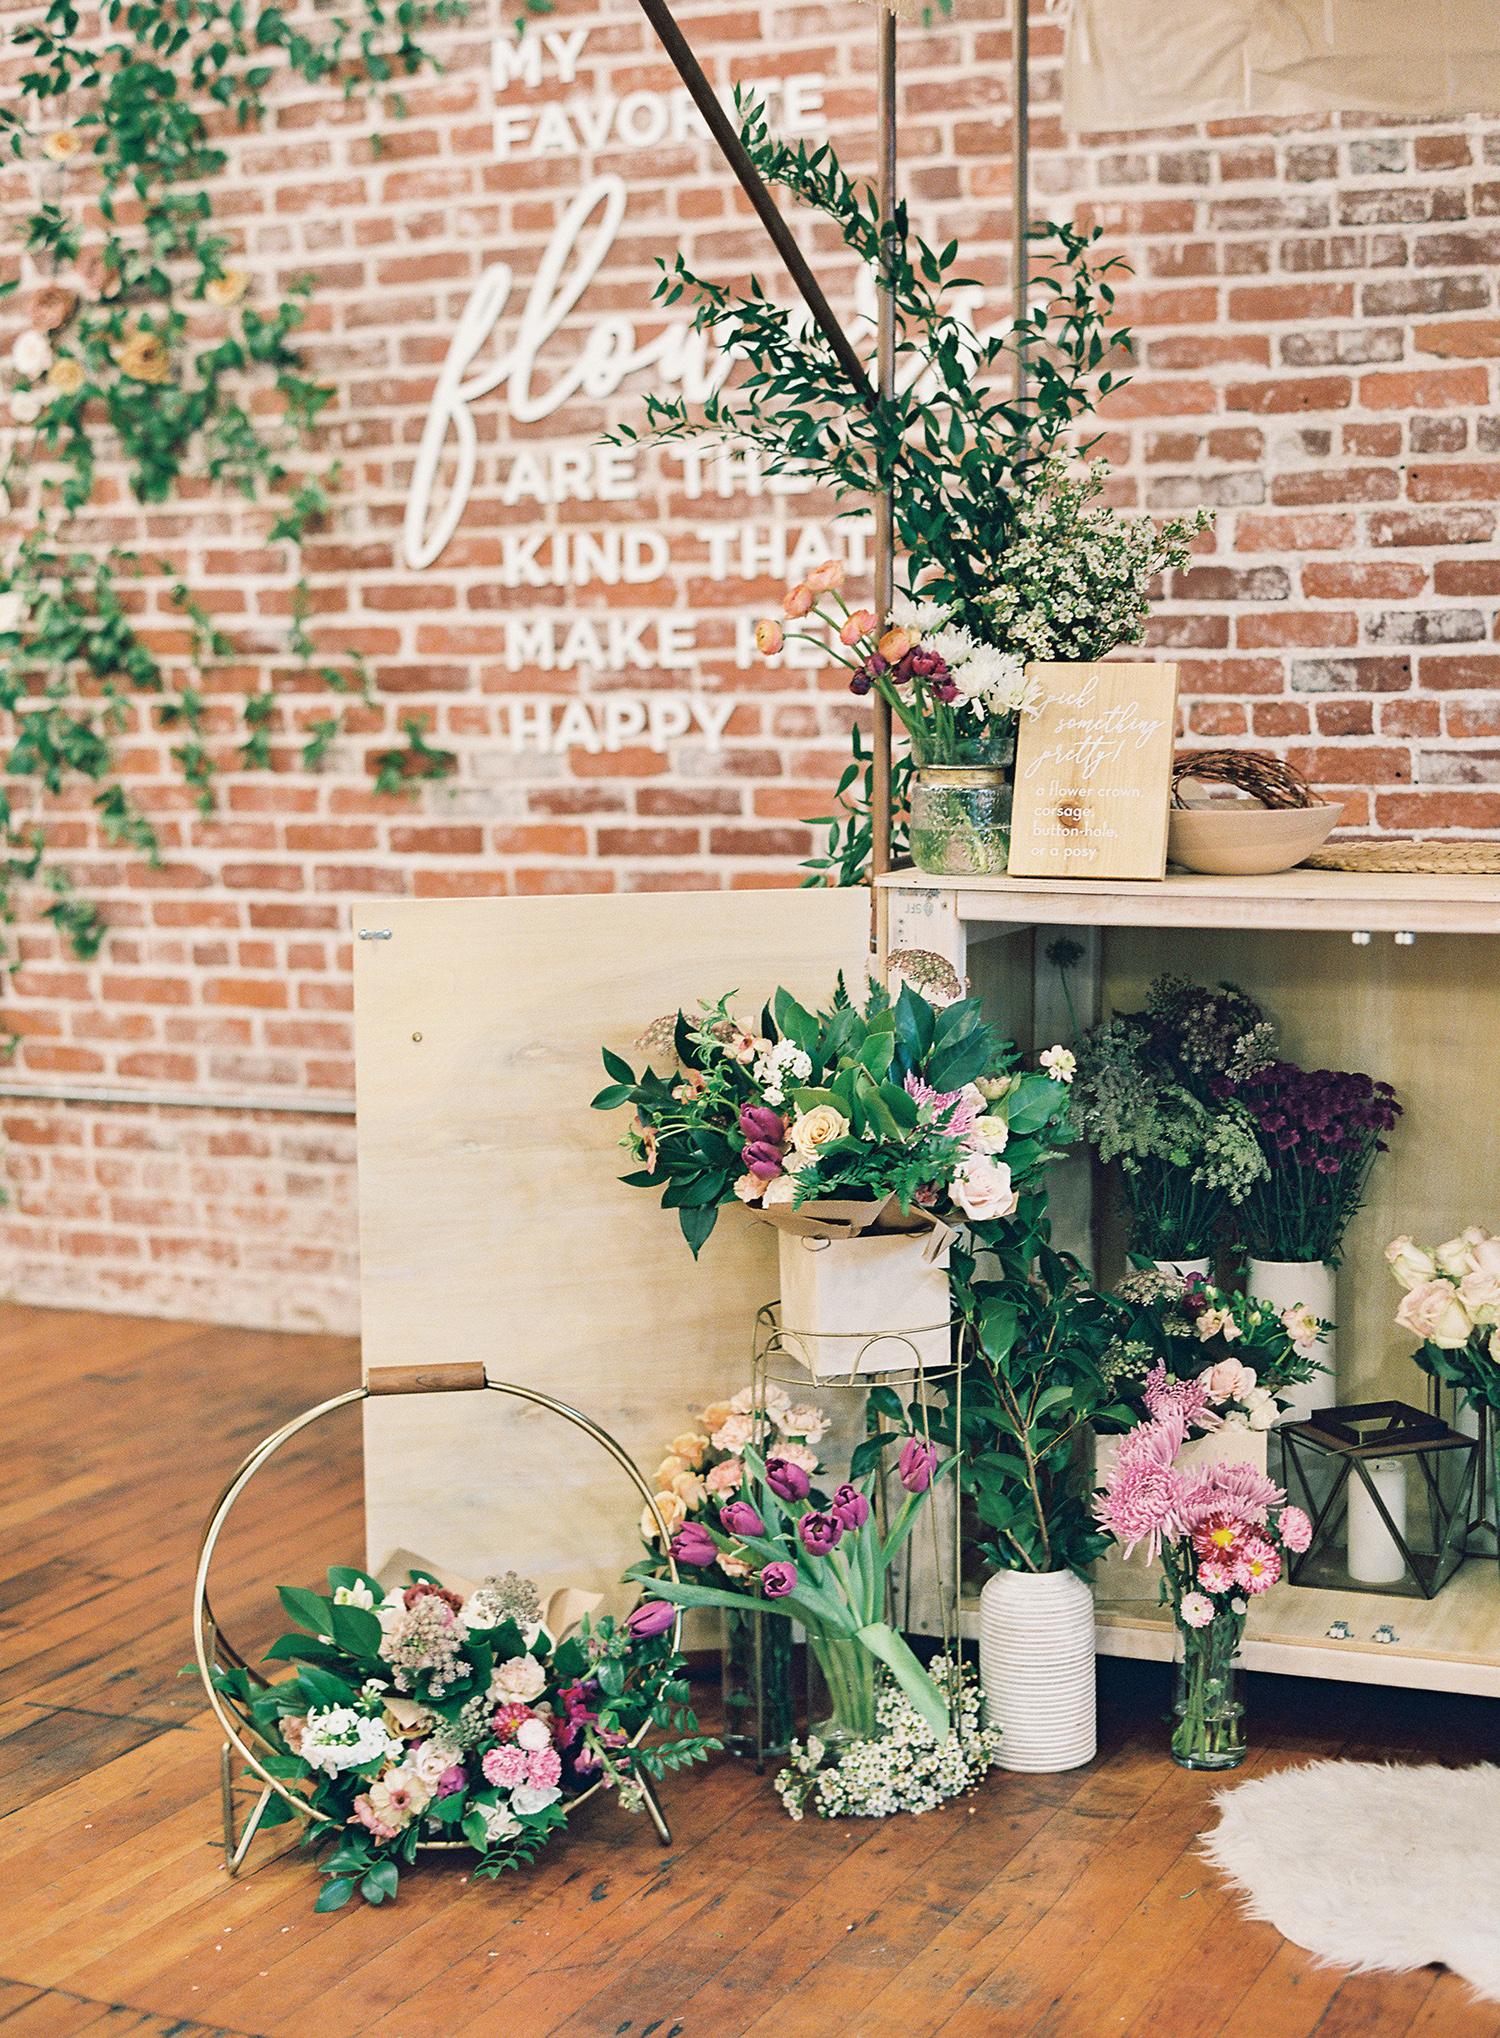 brooke dalton wedding flowers in baskets